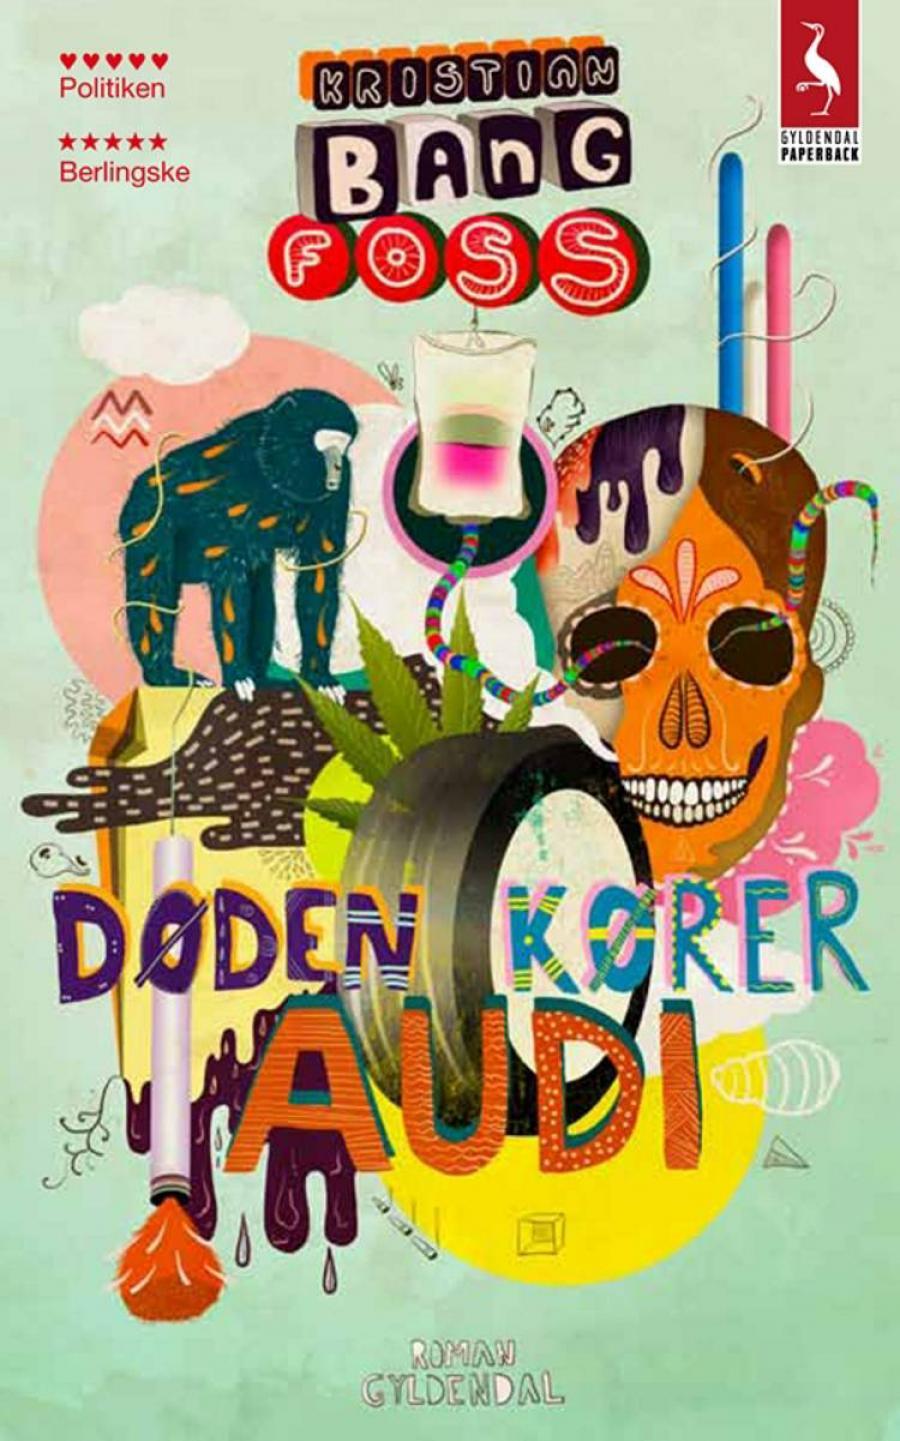 Døden kører Audi af Kristian Bang Foss